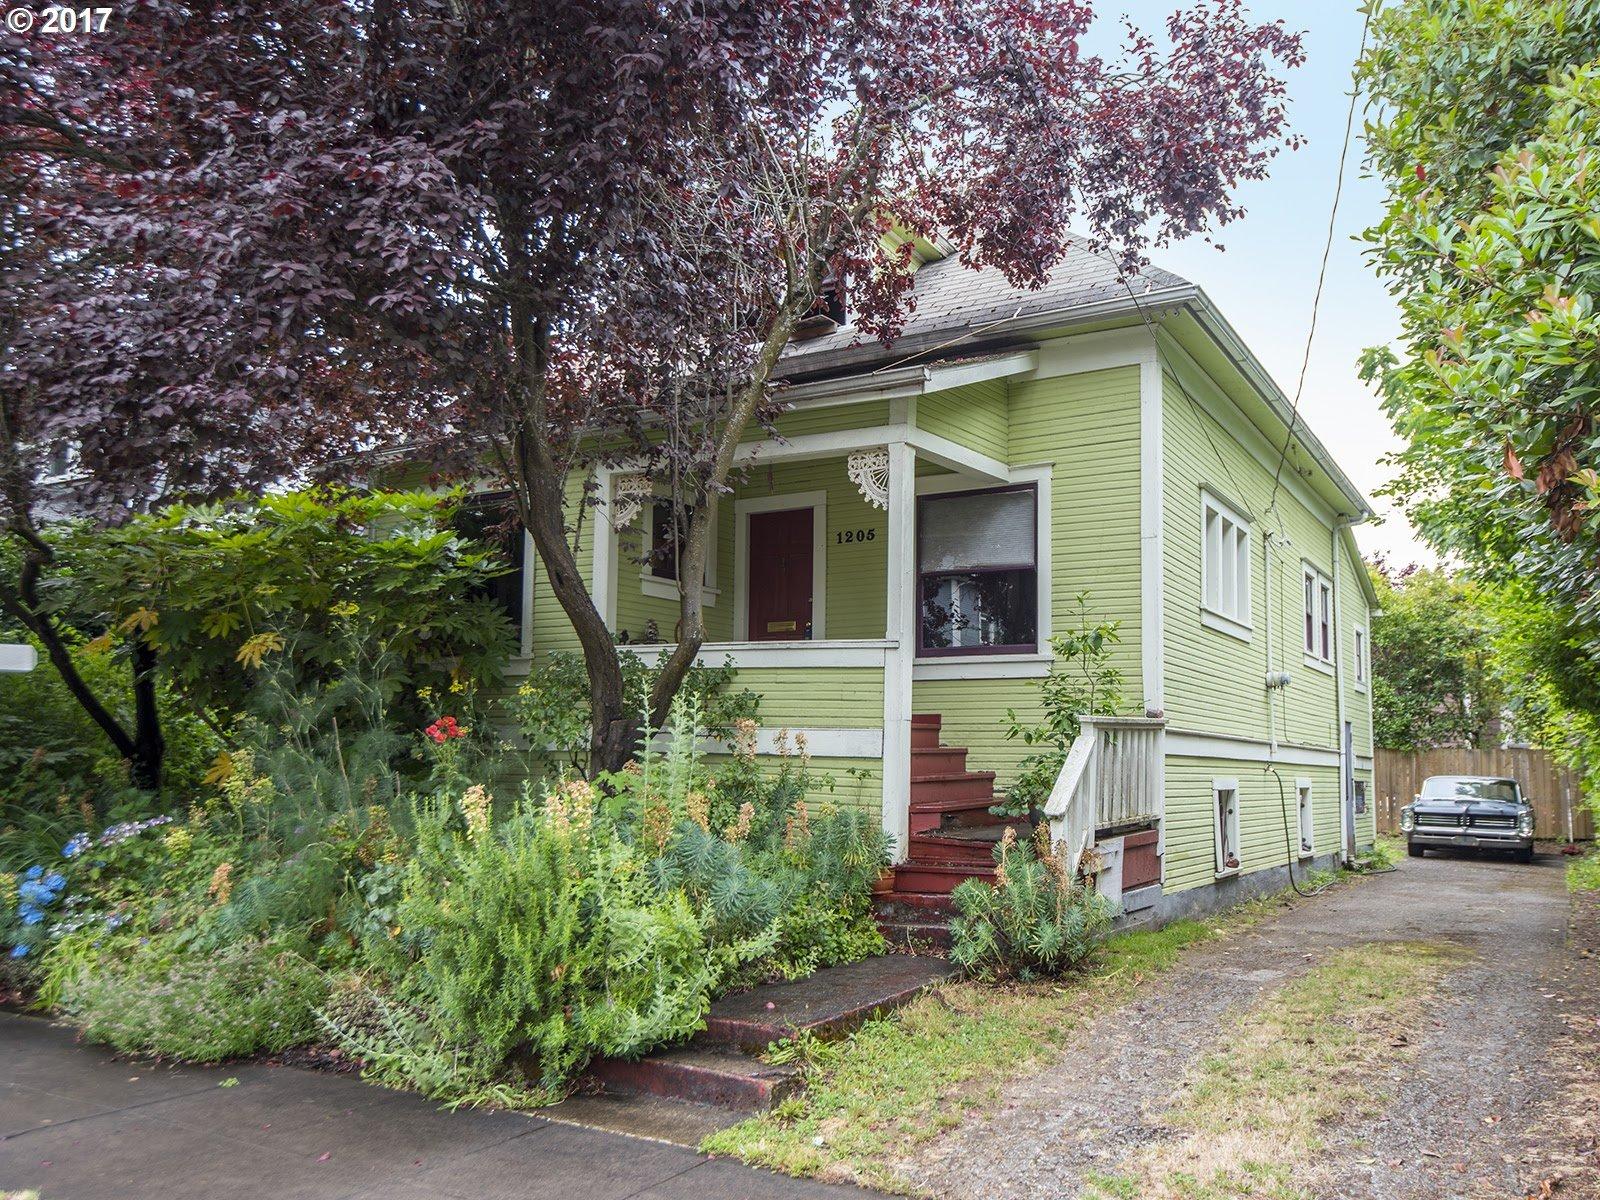 1205 NE ROSELAWN ST Portland, OR 97211 - MLS #: 17396783